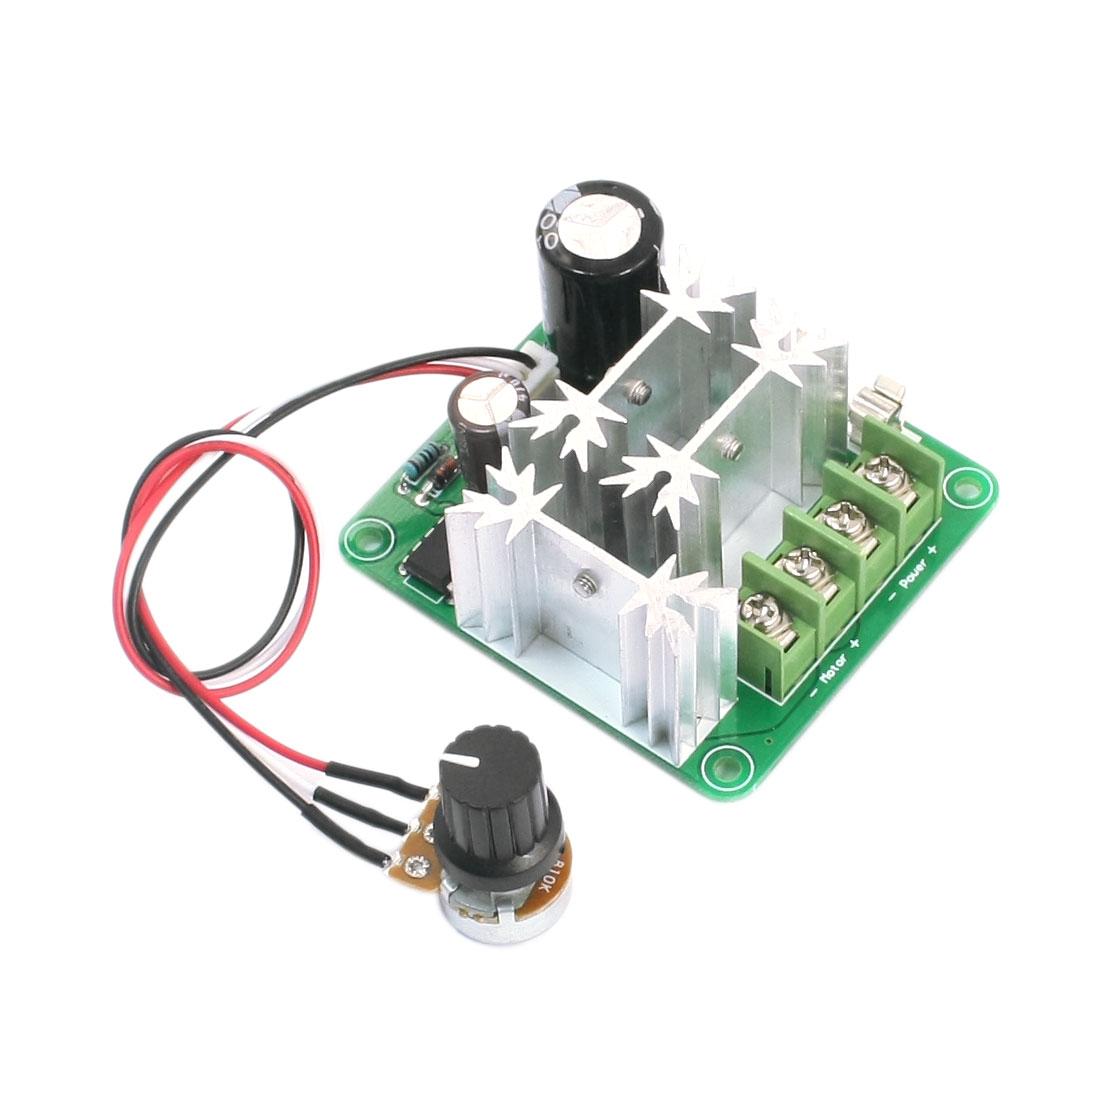 CCMHCN PLC DC6-90V 15A 1000W PWM Motor Speed Regulation Controller